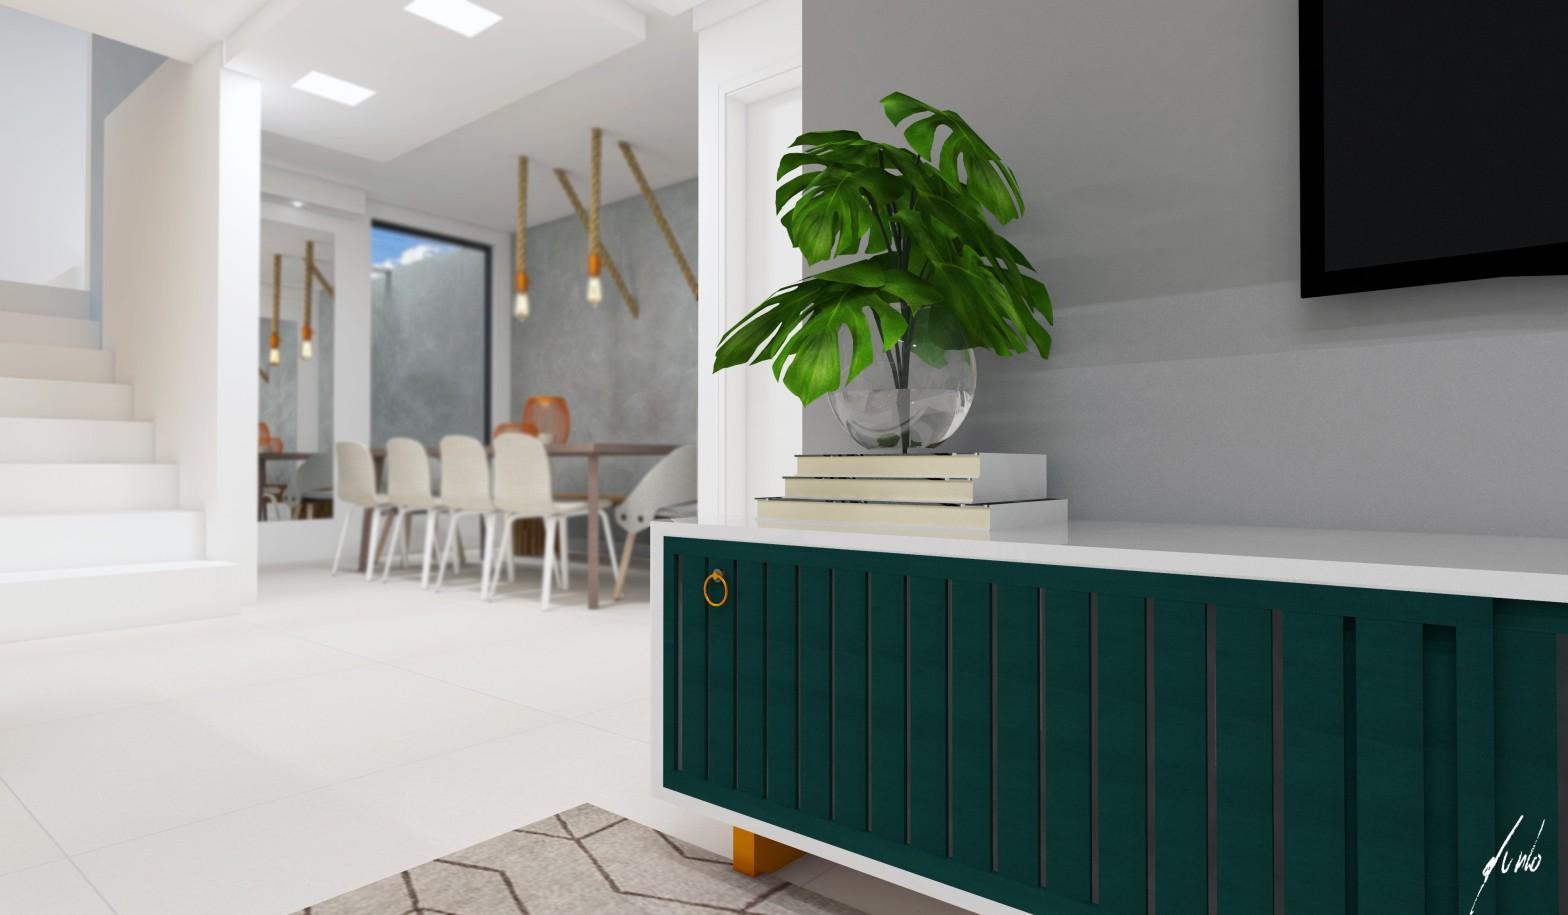 Sala de estar contemporanea desenvolvida pelo estudio Murilo Zadulski Interiores - Designer de interiores em Curitiba - Projetos e consultoria img0104